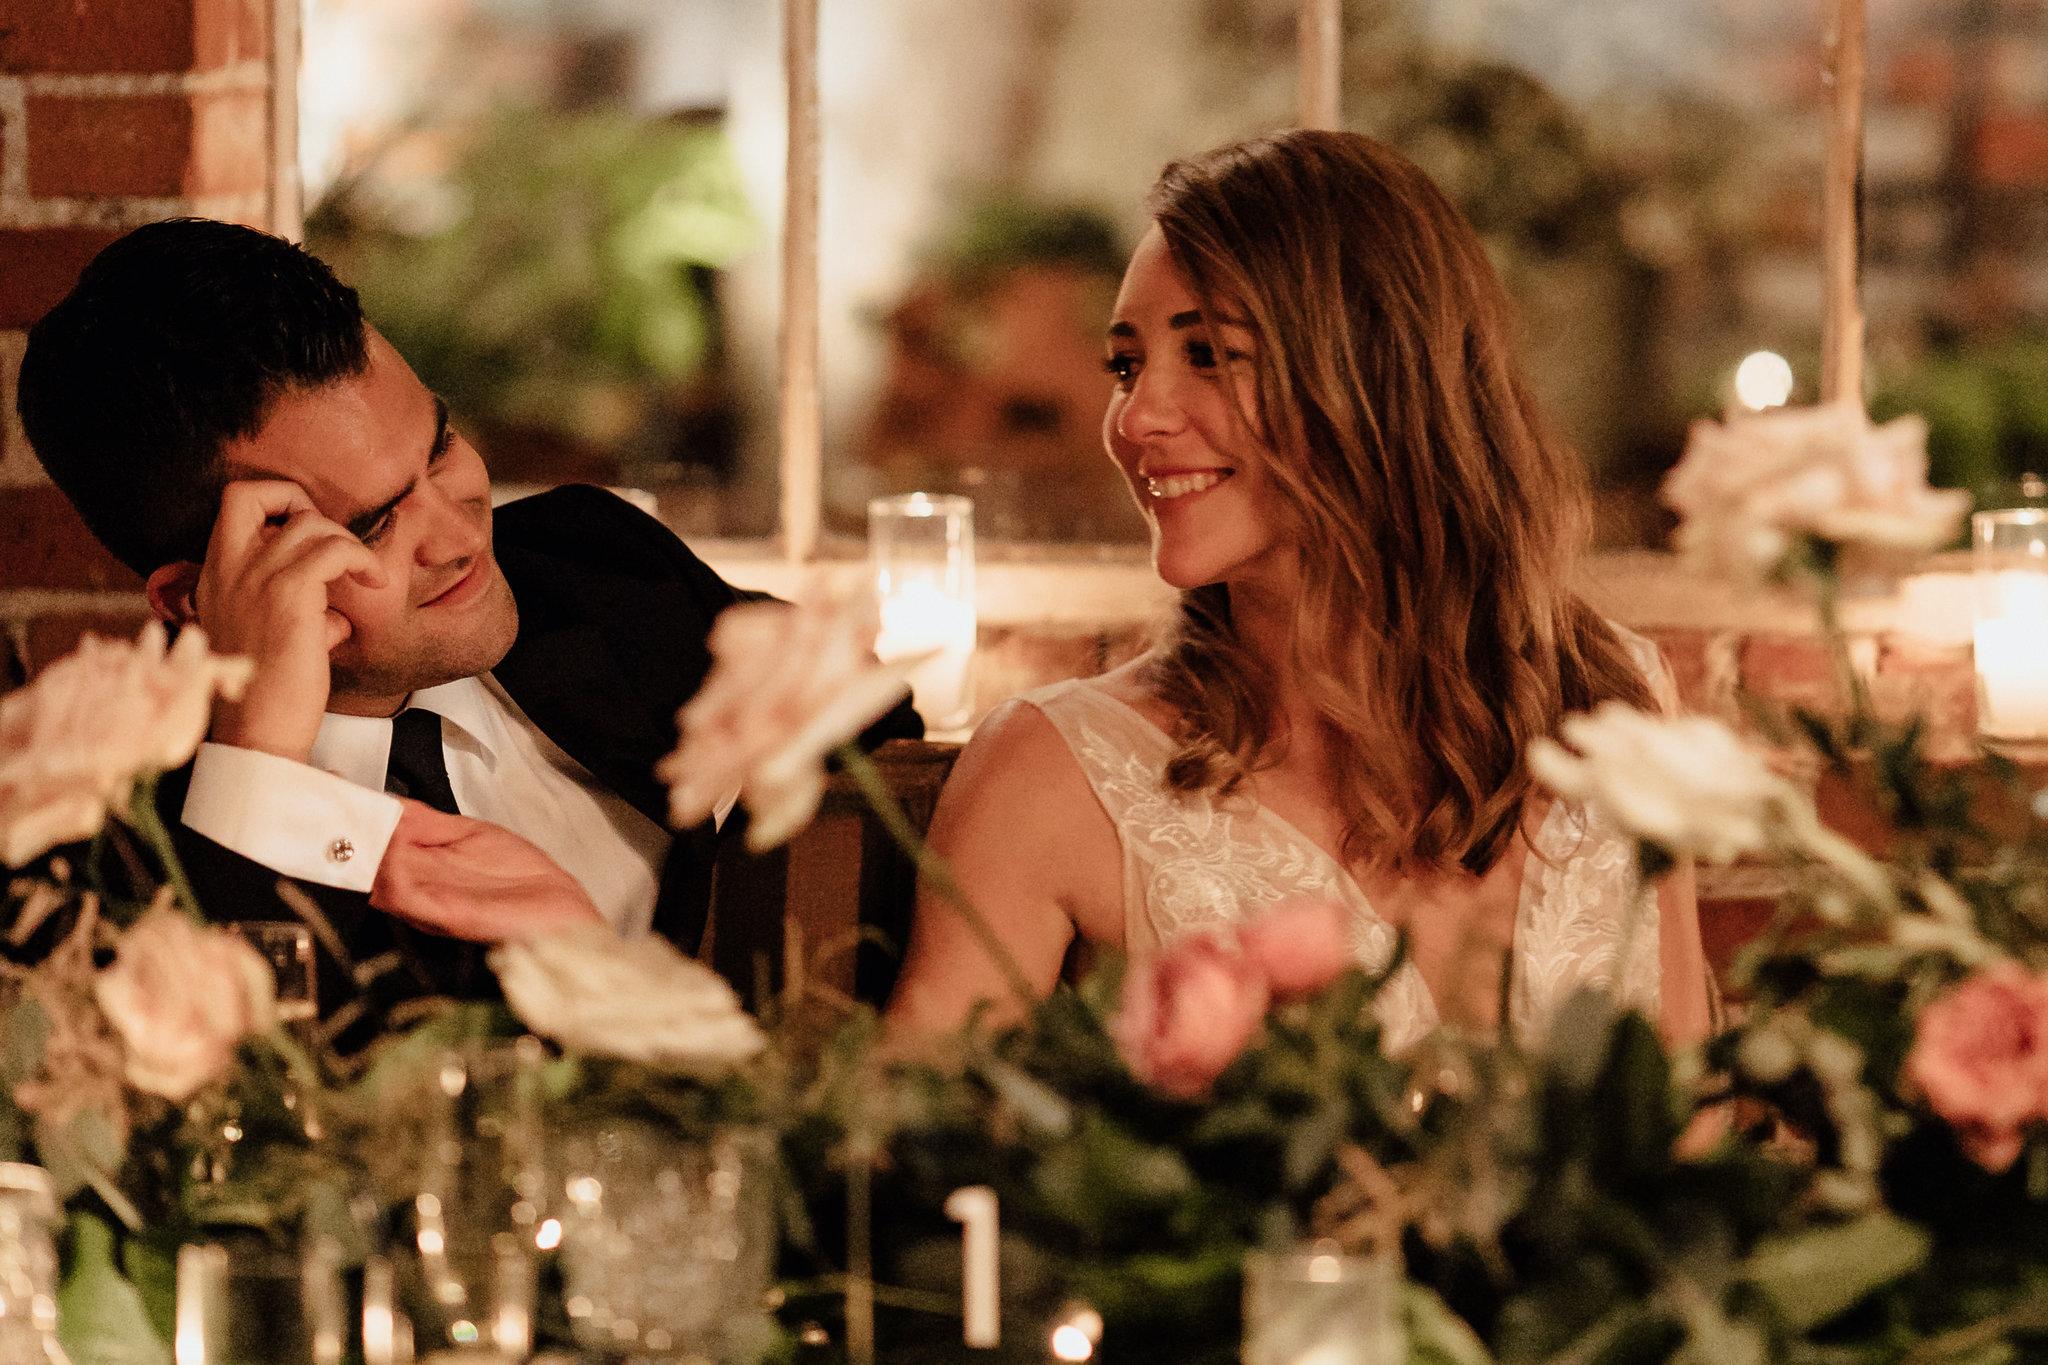 carondelet-los-angeles-wedding-marble-rye-photography-firstlook-details-114.jpg